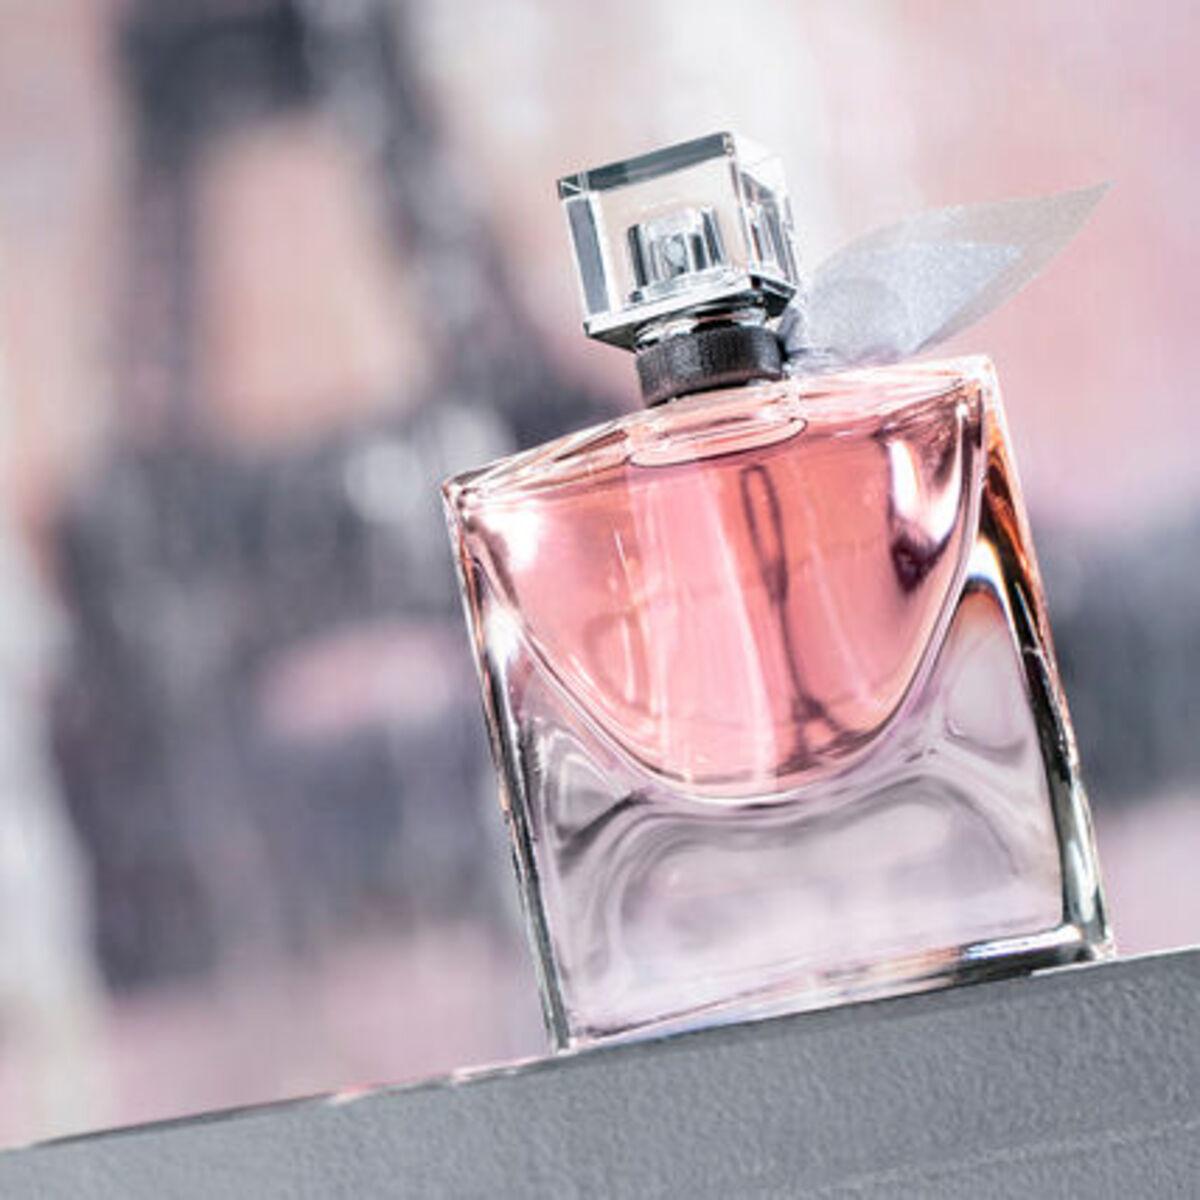 Bild 4 von Lancôme La vie est belle, Eau de Parfum, 30 ml